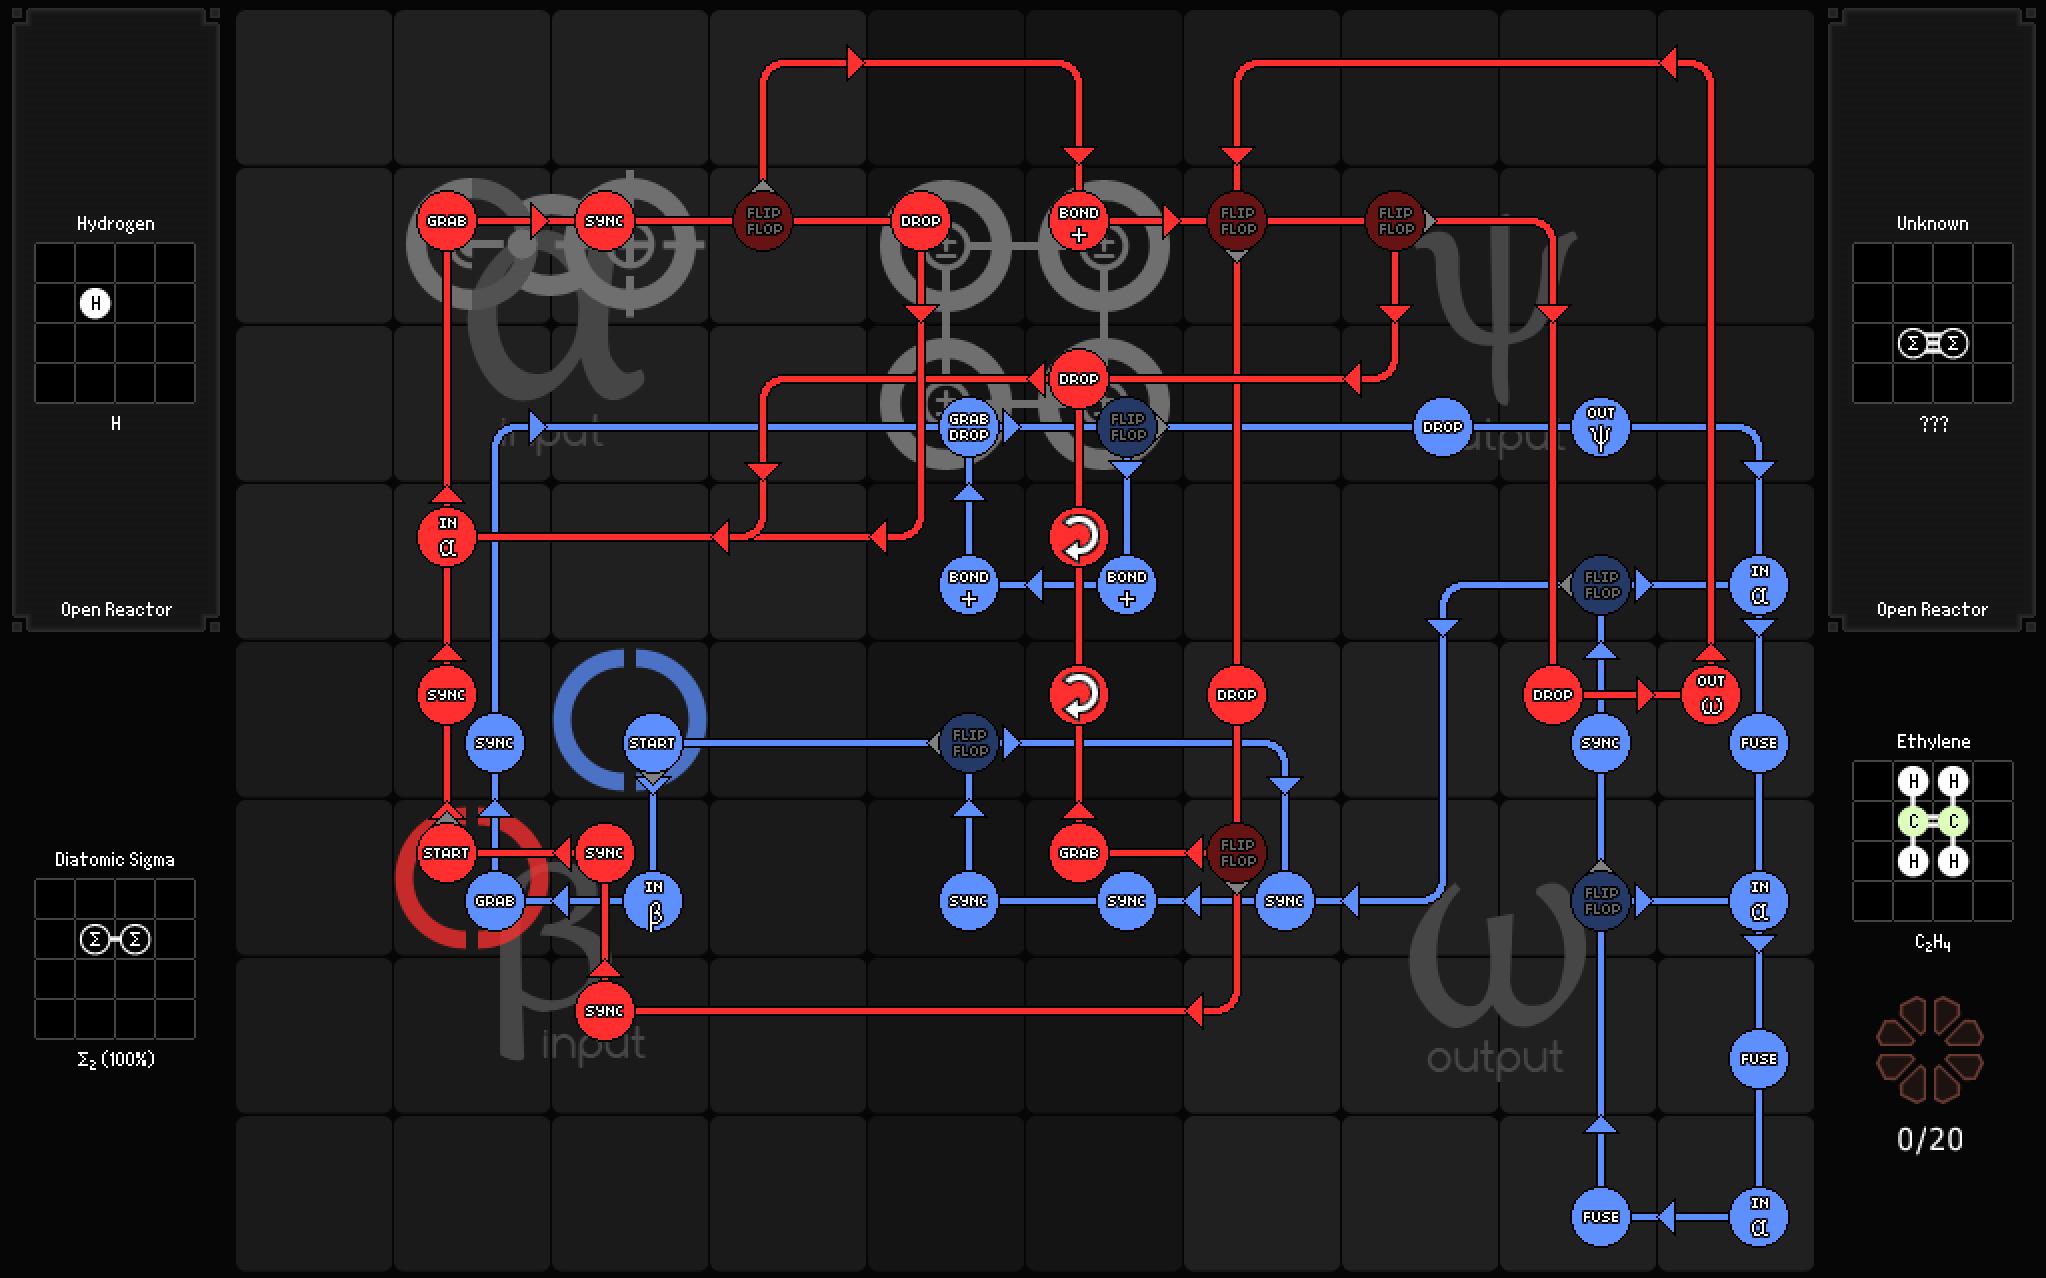 1_Story_Mode/8_Flidais/SpaceChem-8.5.a/Reactor_2.png